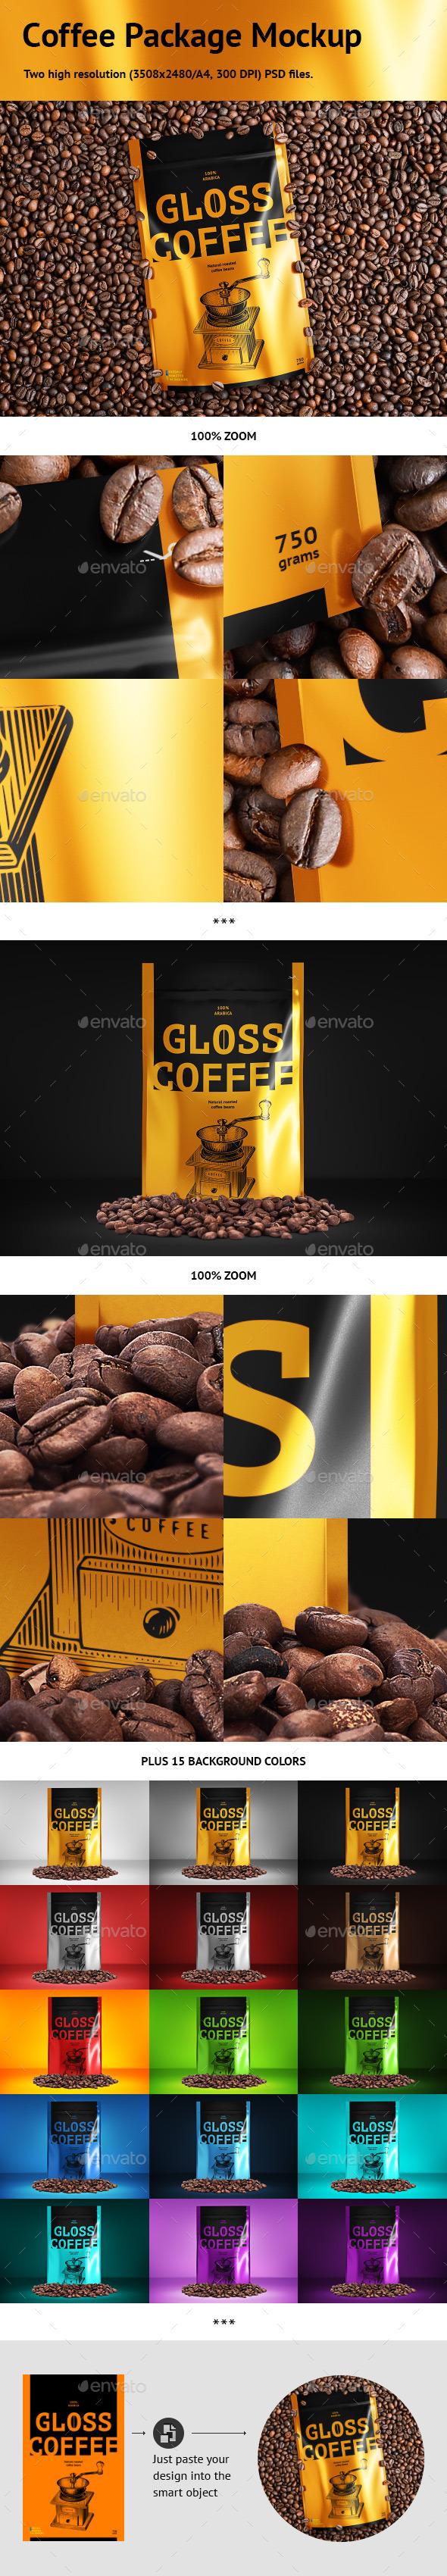 Coffee Package Mockup - Food and Drink Packaging